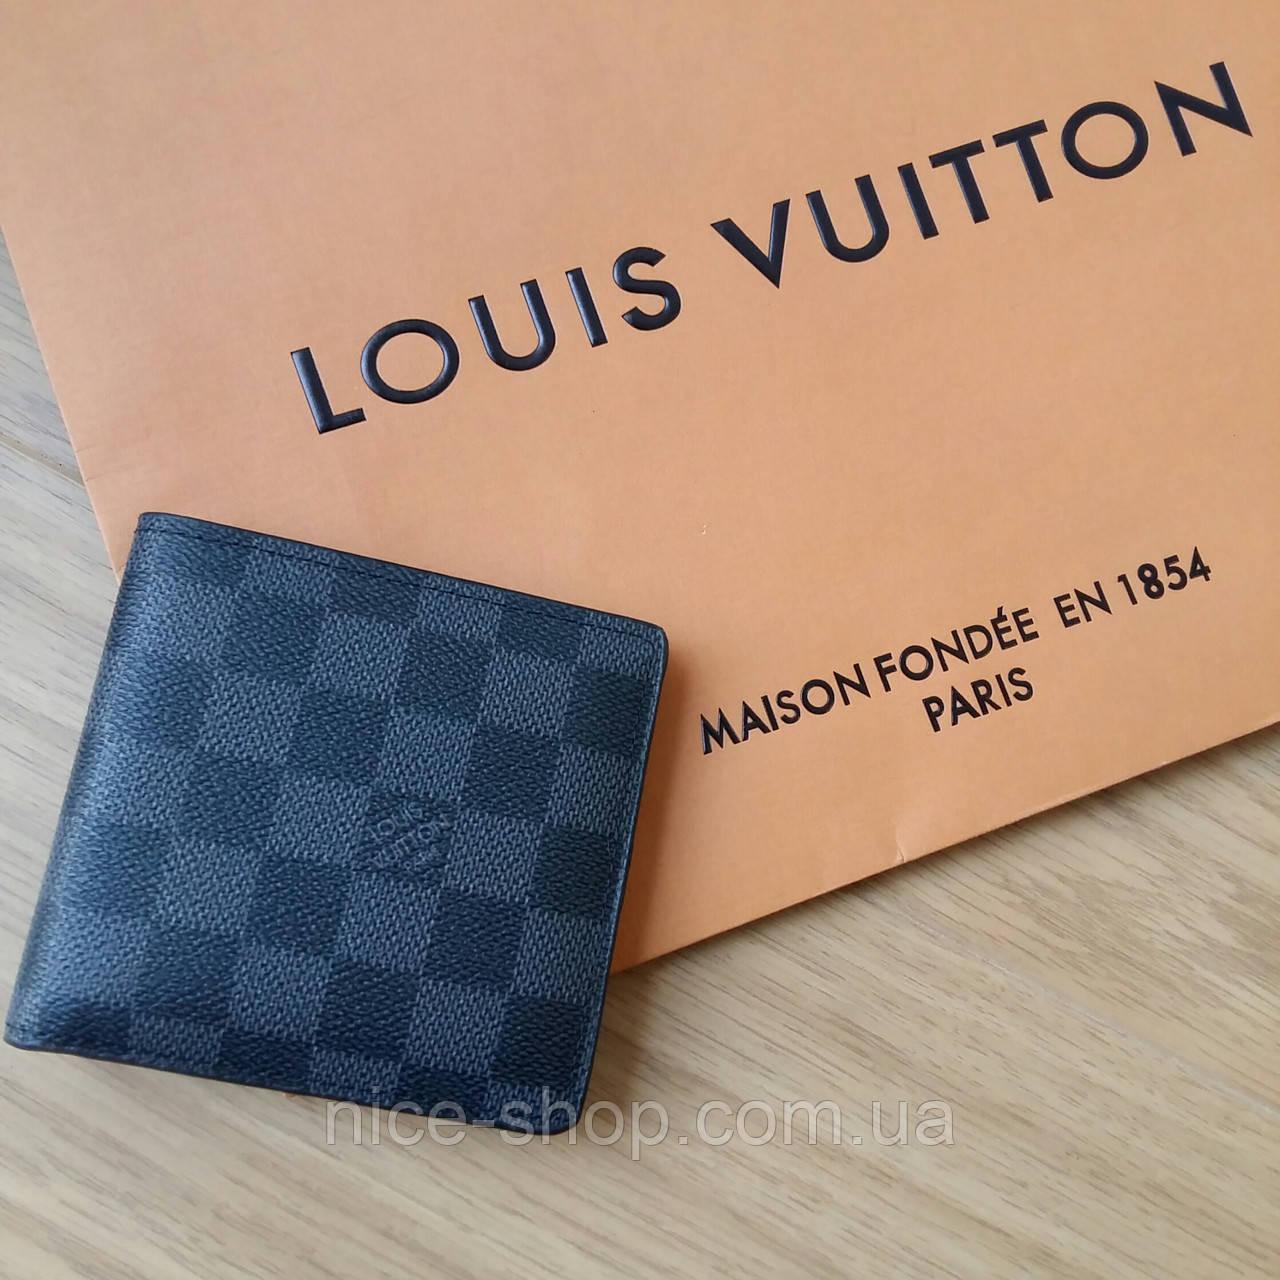 Кошелек Louis Vuitton серая клетка